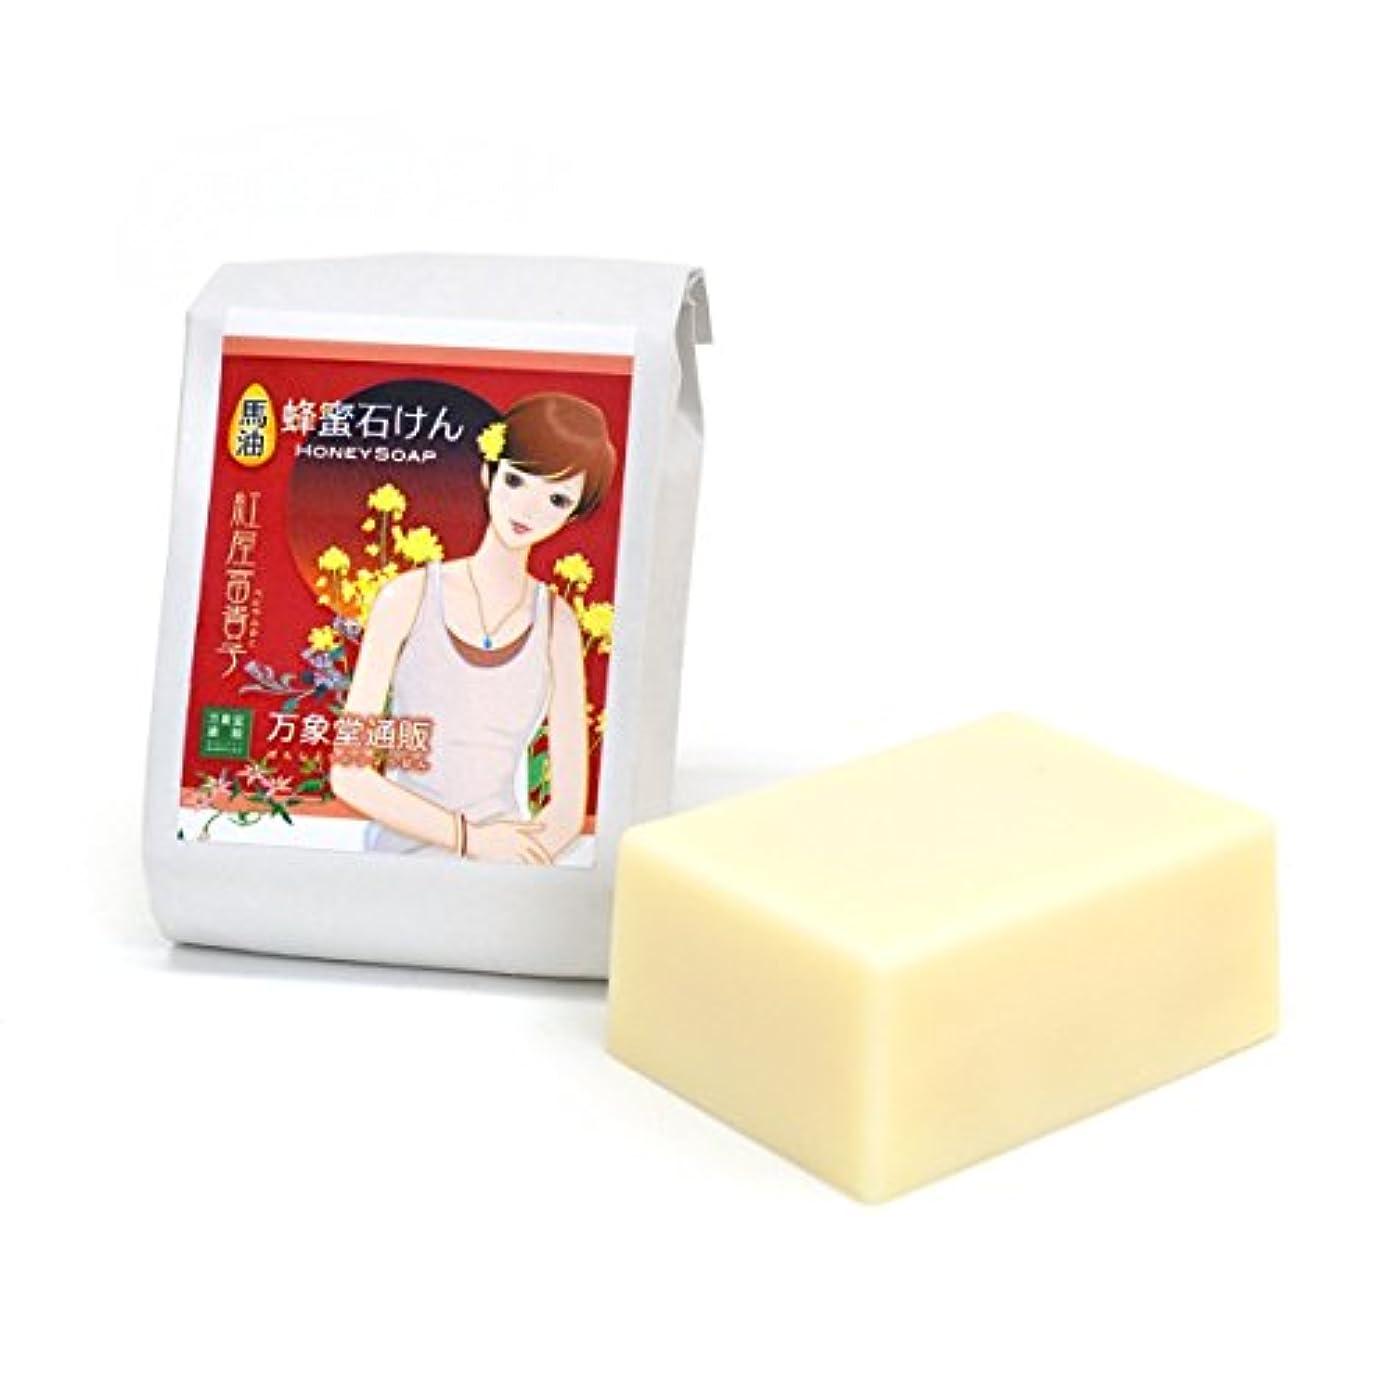 甘くするタップ前者森羅万象堂 馬油石鹸 90g(国産)熊本県産 国産蜂蜜配合